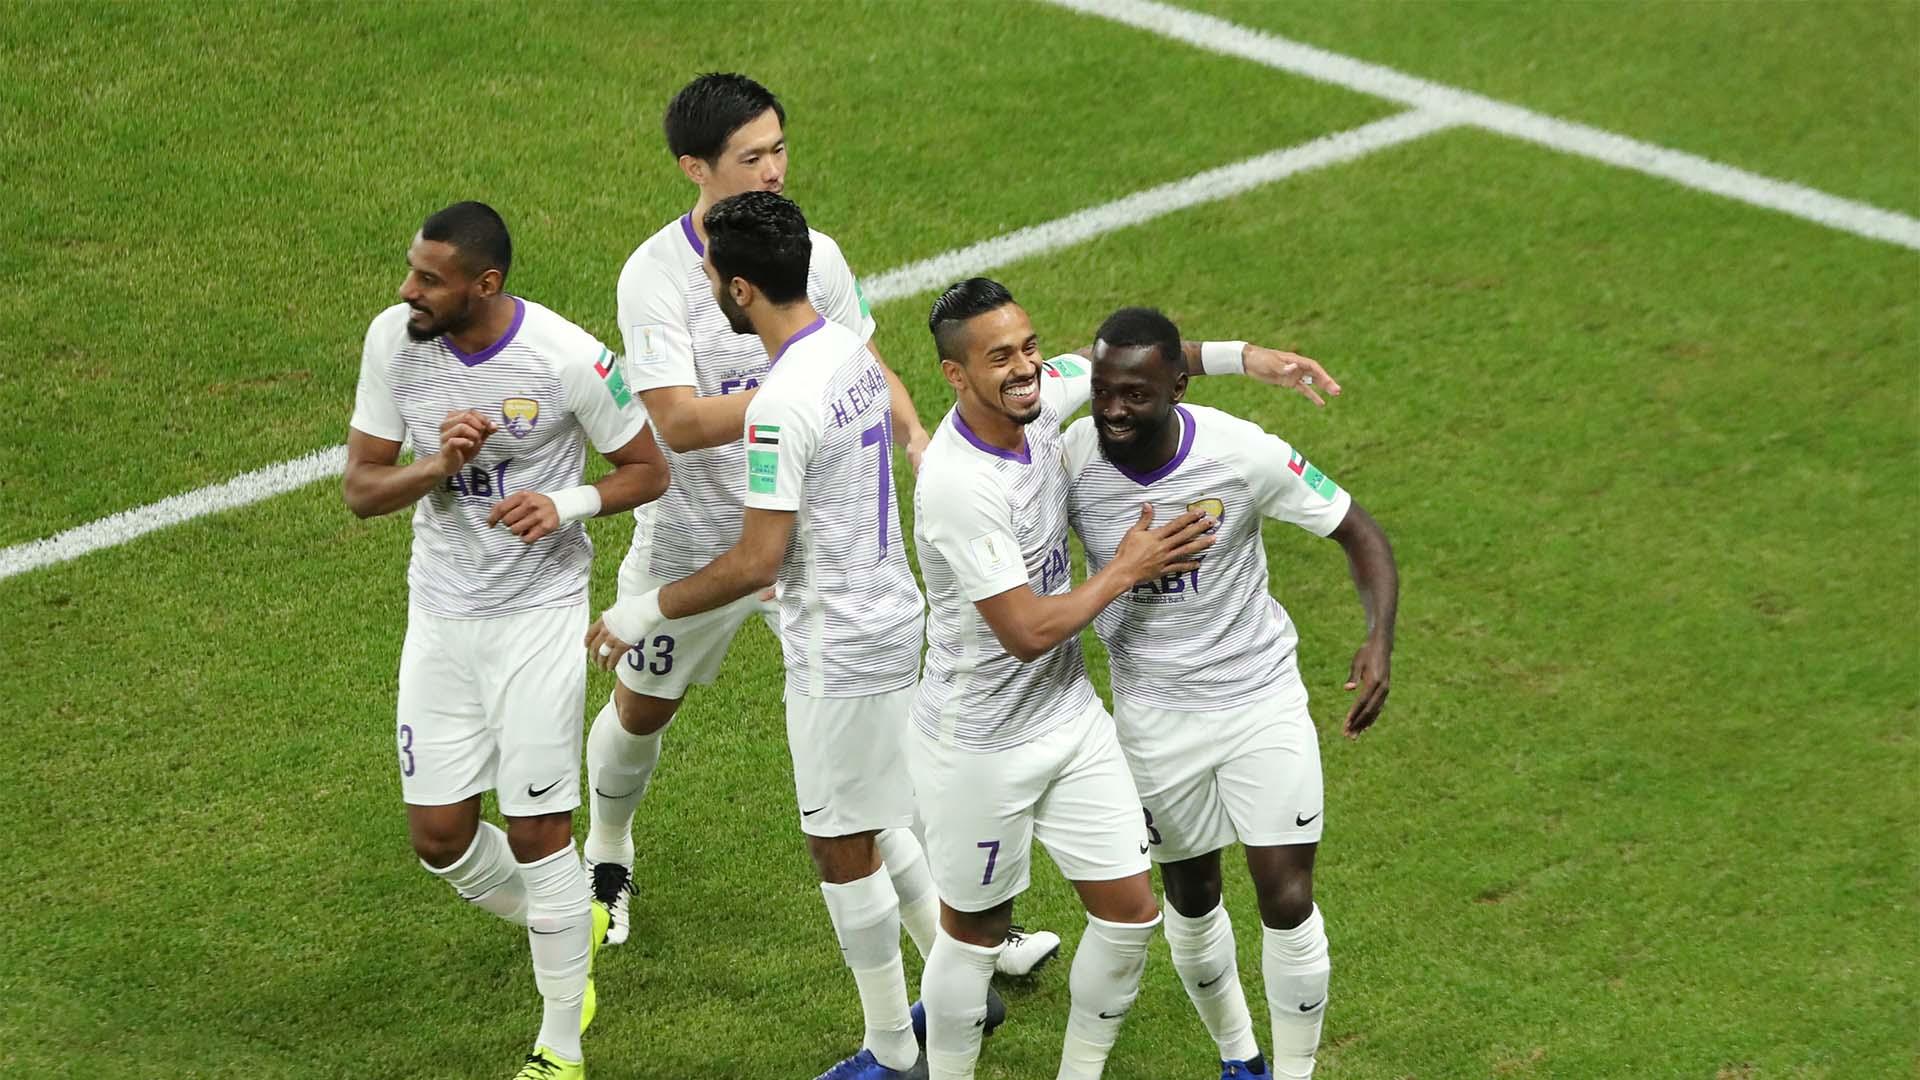 Los festejos de los jugadores locales luego del prematuro gol del Al Ain